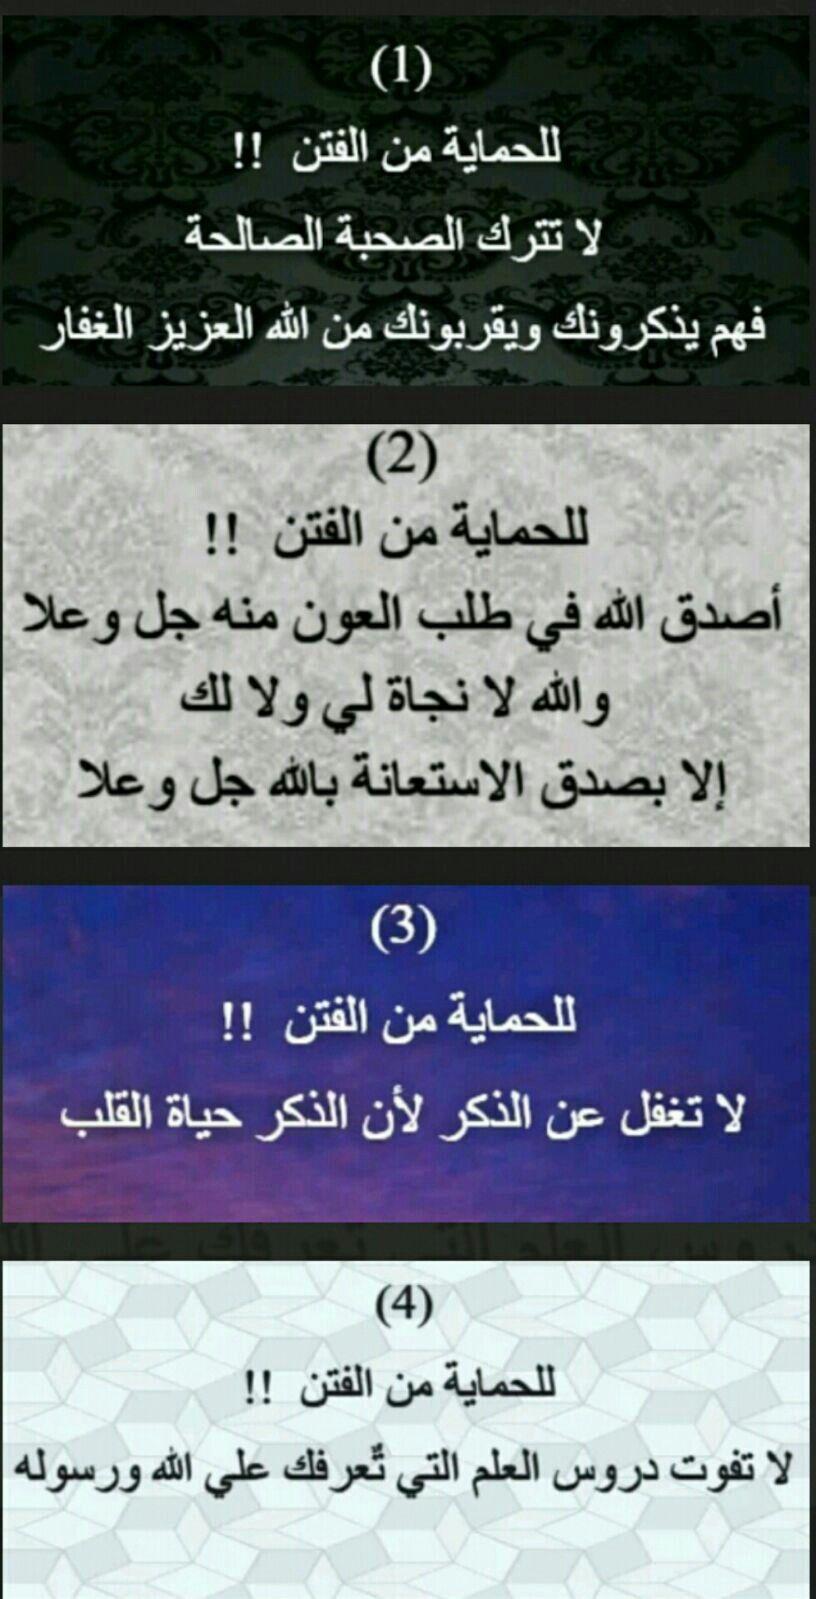 اللهم جنبنا وإياكم الفتن ما ظهر منها وما بطن Holy Quran Anger Allah